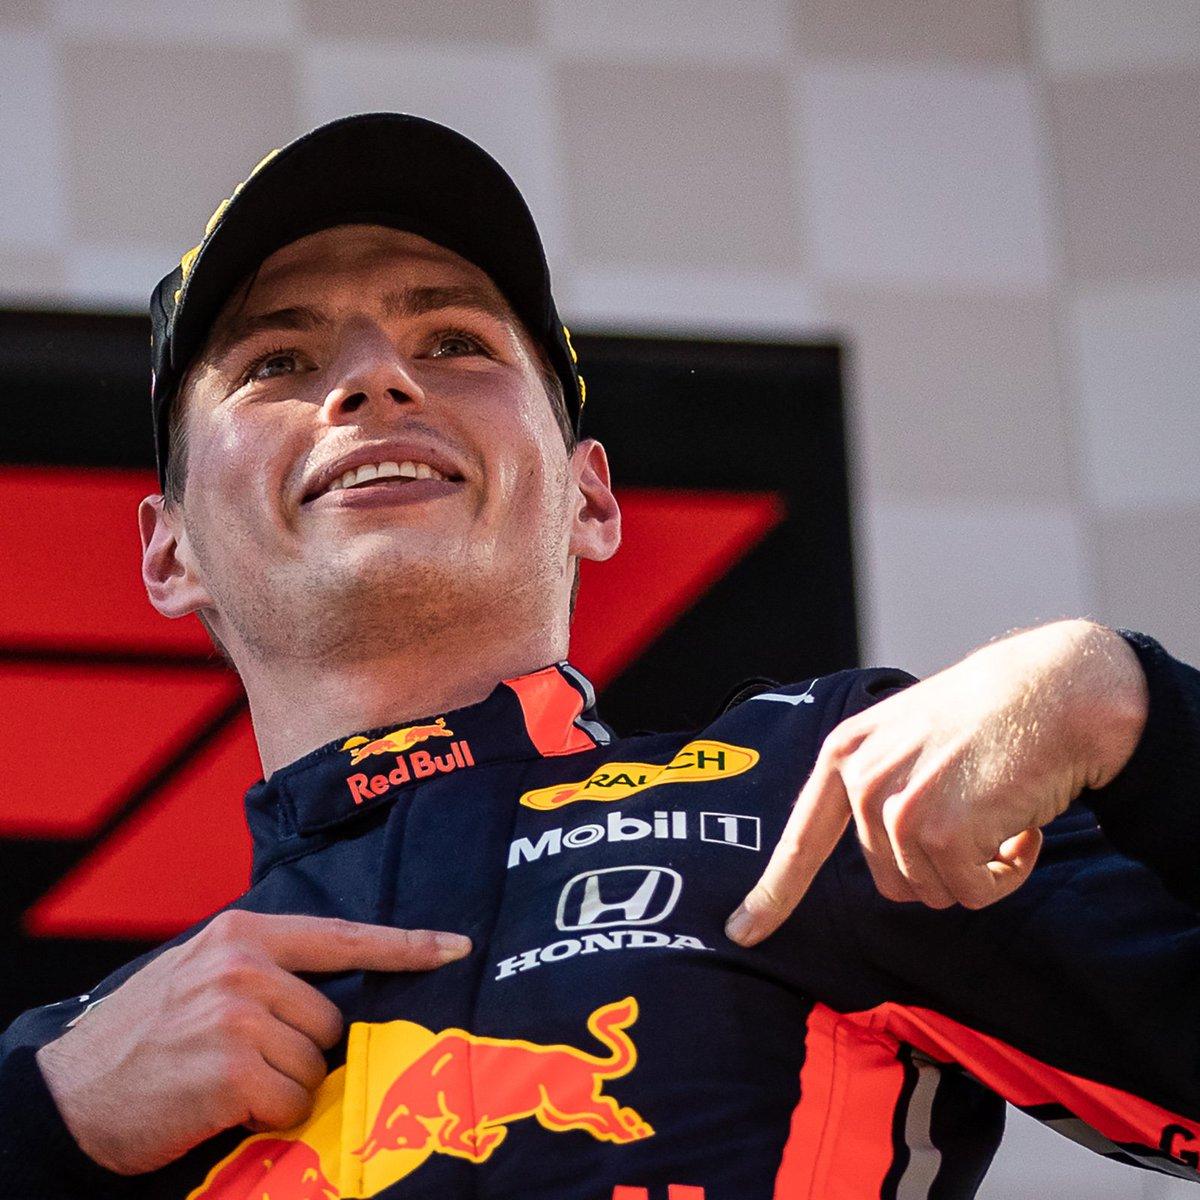 Es la primera carrera que no gana Mercedes en un año en el que las 'flechas de plata' cuentan seis 'dobletes' y seis triunfos de Hamilton